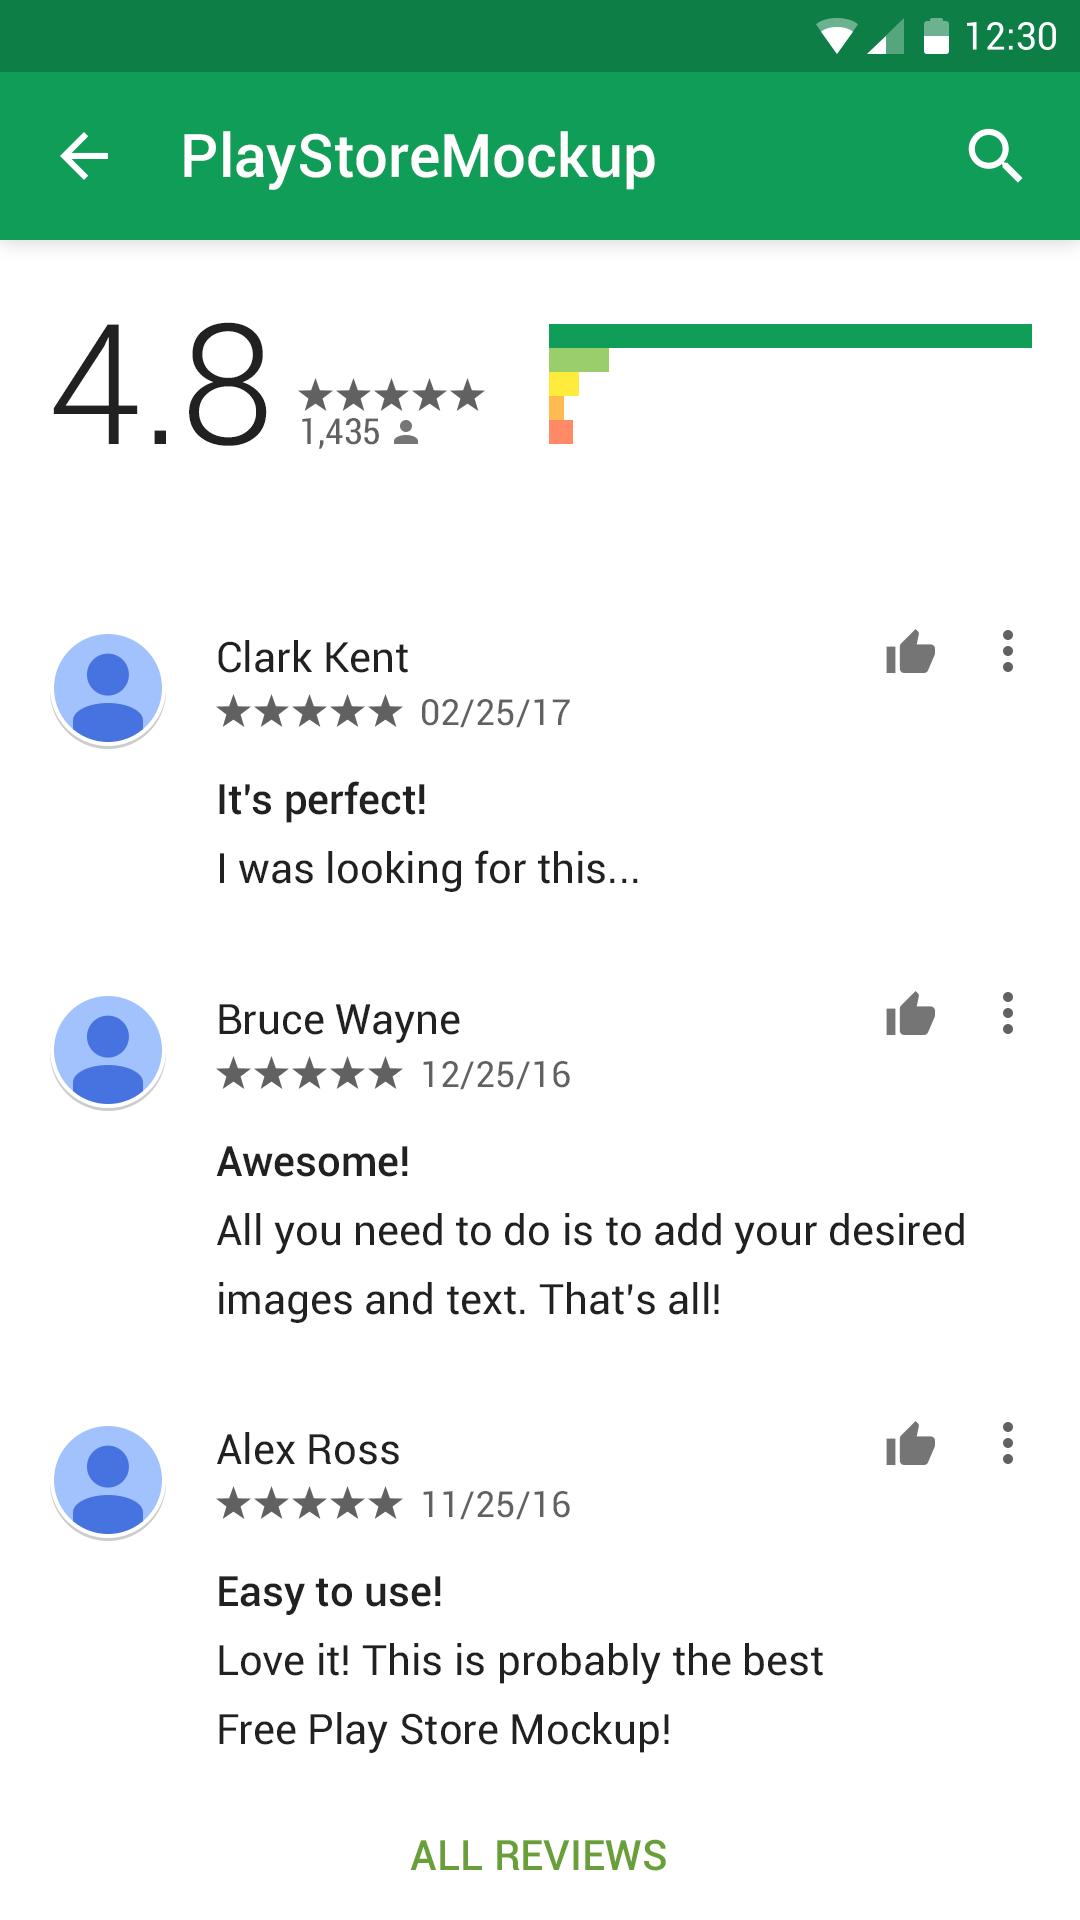 Play Store Mockup Rating